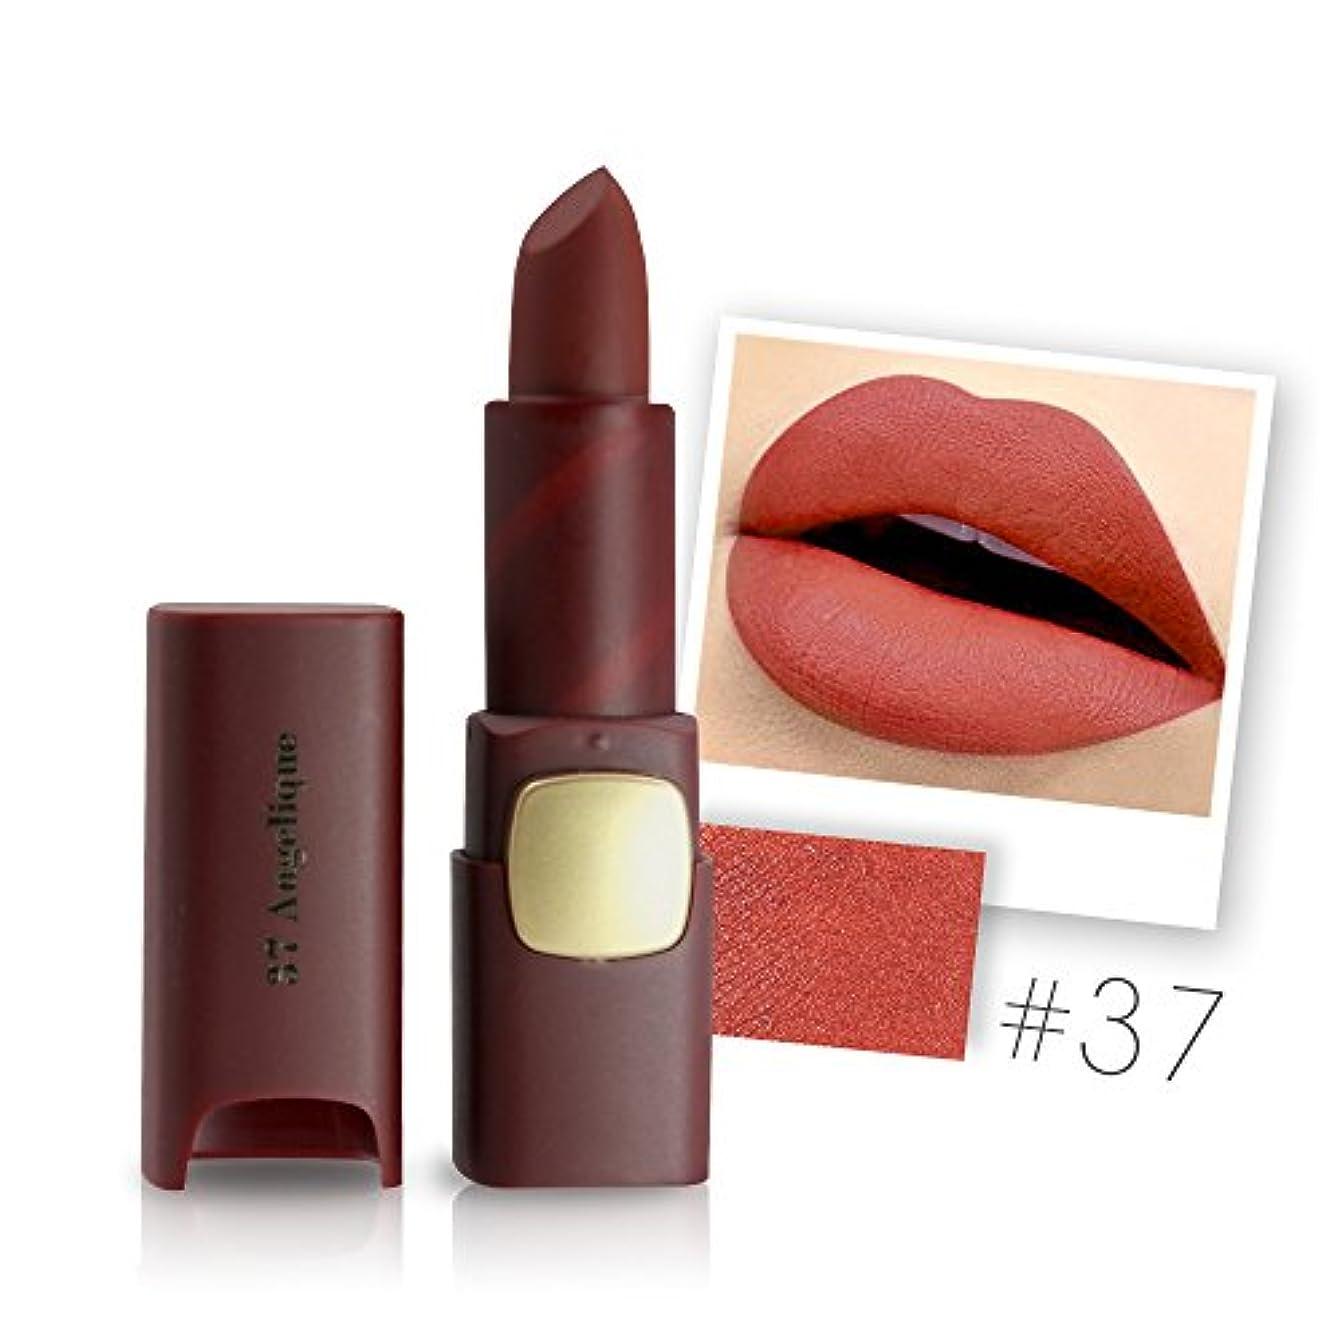 見捨てるスペースサービスMiss Rose Brand Matte Lipstick Waterproof Lips Moisturizing Easy To Wear Makeup Lip Sticks Gloss Lipsticks Cosmetic